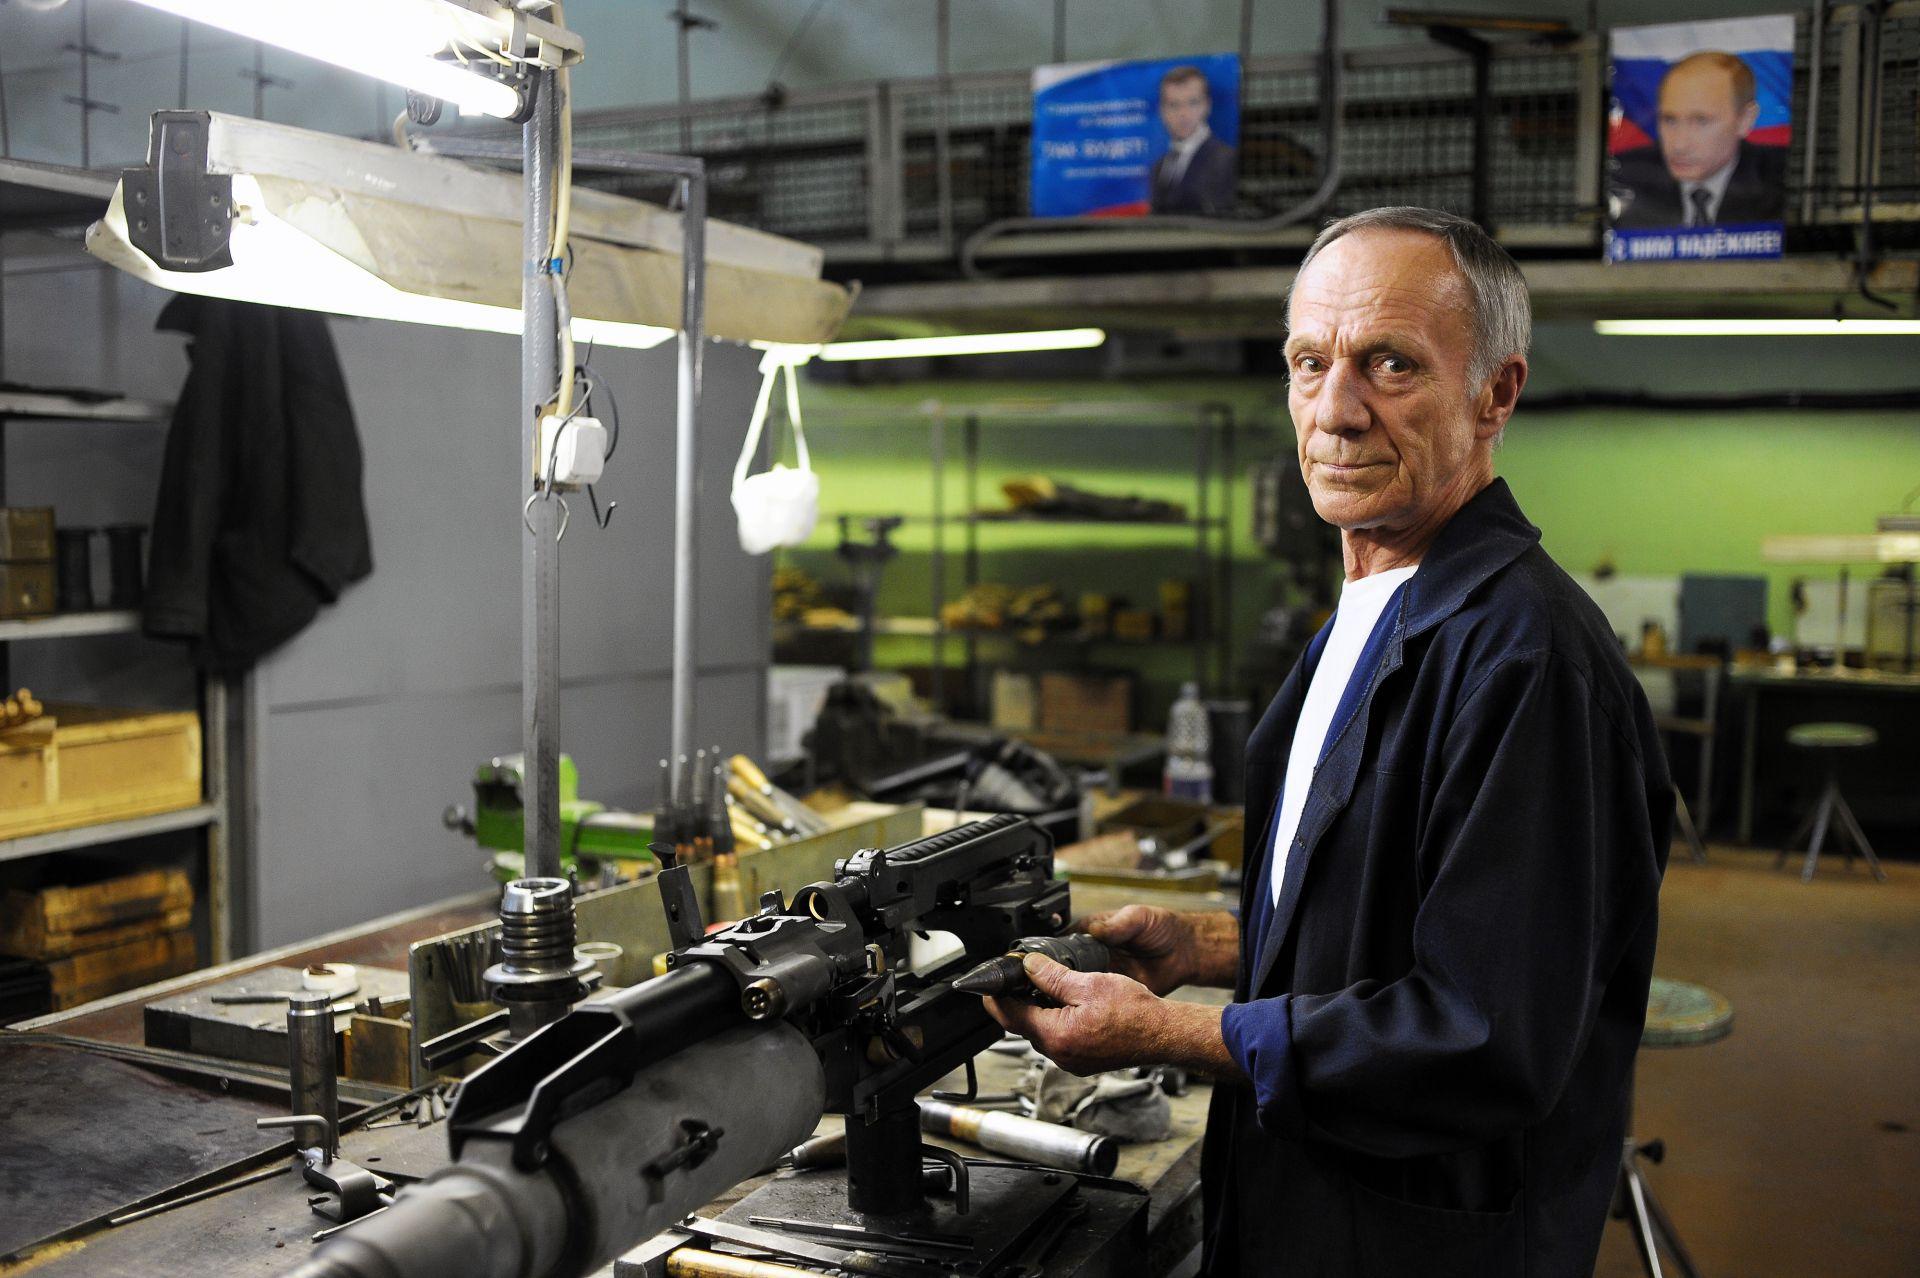 """10/10. Производи фабрике """"Ижмаш"""" испоручују се у 27 земаља света, укључујући и САД, Велику Британију, Немачку, Норвешку, Италију, Канаду, Казахстан и Тајланд. У августу 2013. године предузећа """"Ижмаш"""" и """"Ижевска фабрика механике"""" ујединила су се у концерн под именом """"Калашњиков""""."""